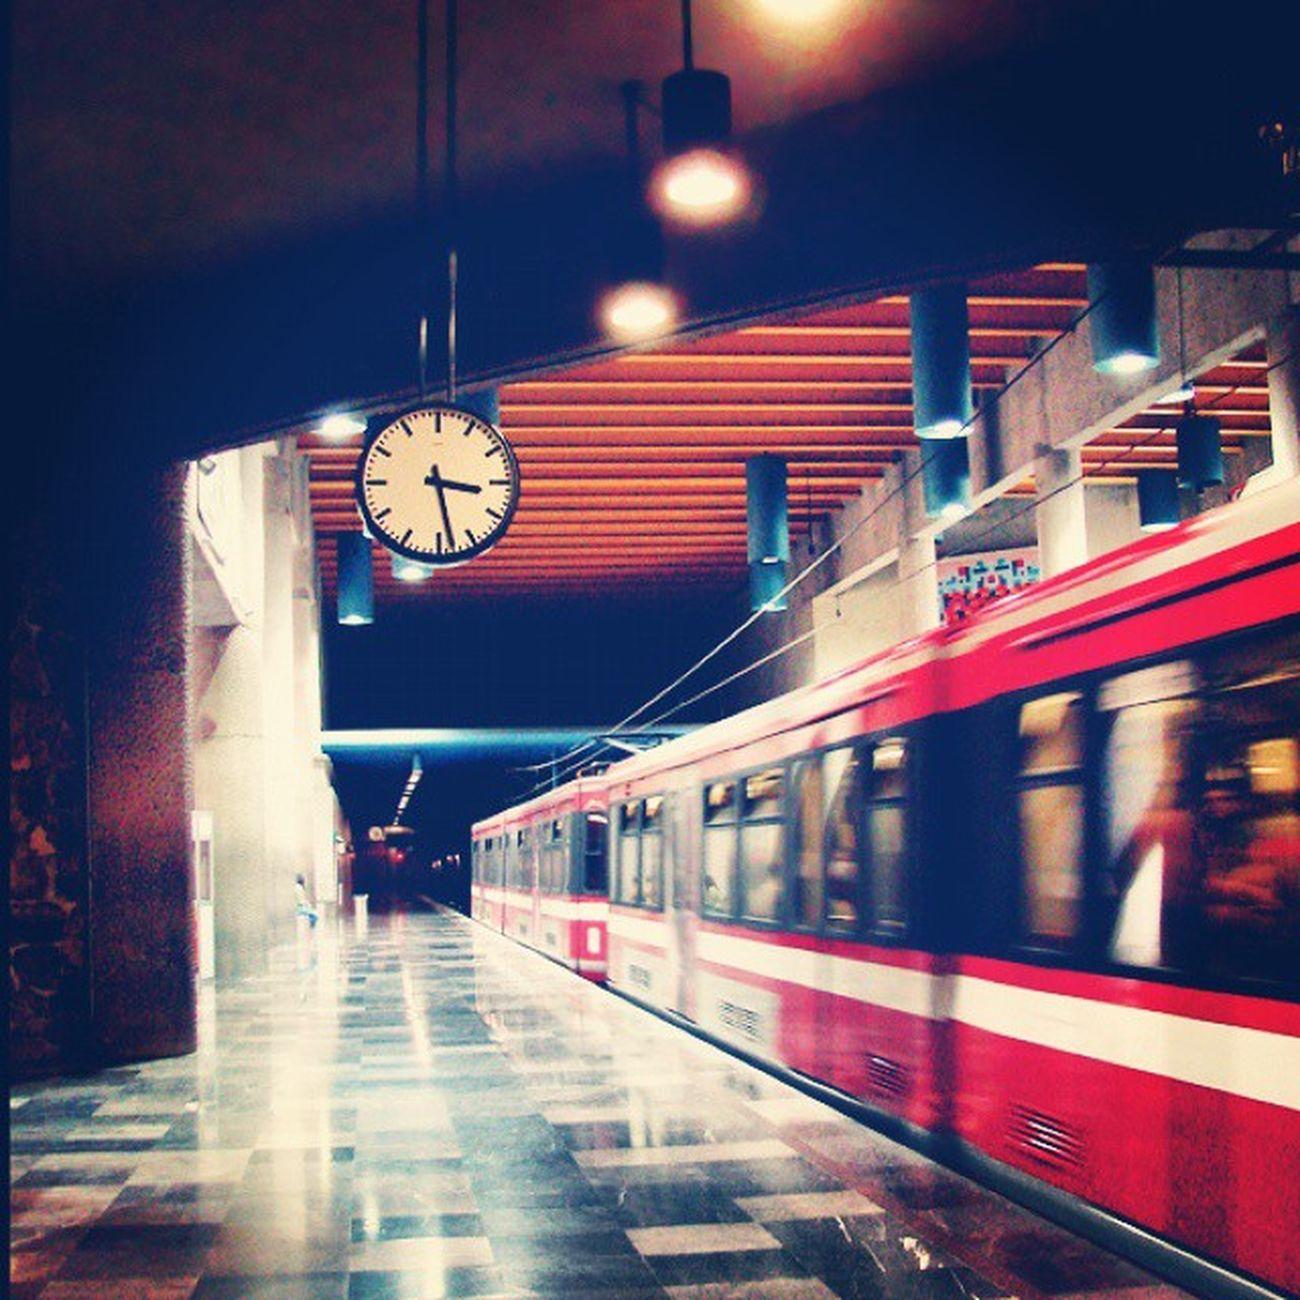 Estación Juarez TrenLigero Gdl que más quieres pues ^_^